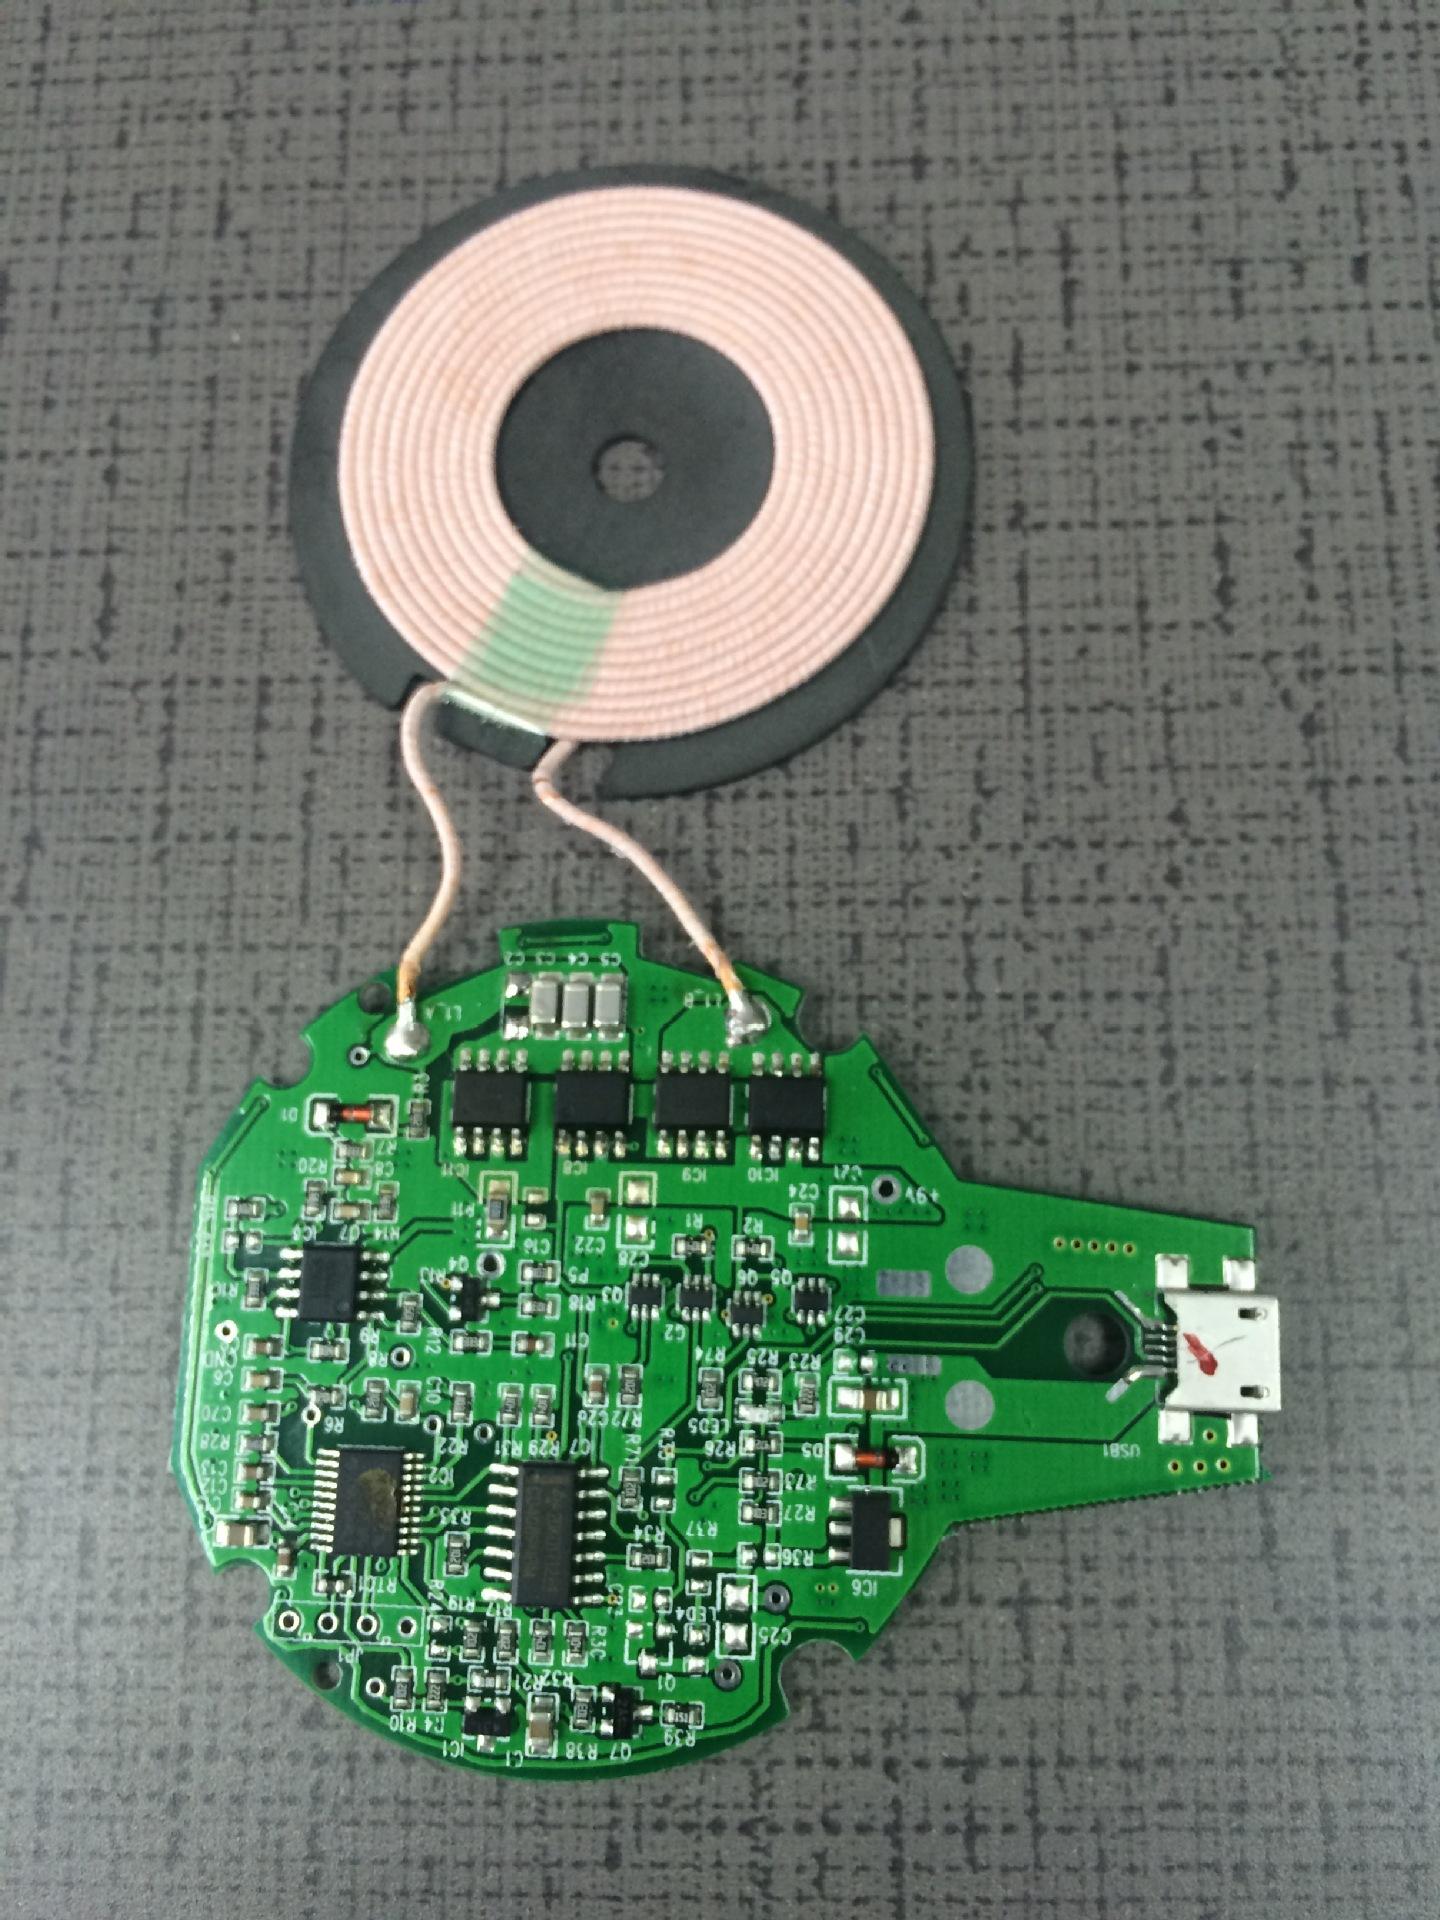 Mô-đun sạc không dây sạc nhanh 10W PCBA nhận điện thoại di động vá tinh thể K9 tùy chỉnh phần cứng